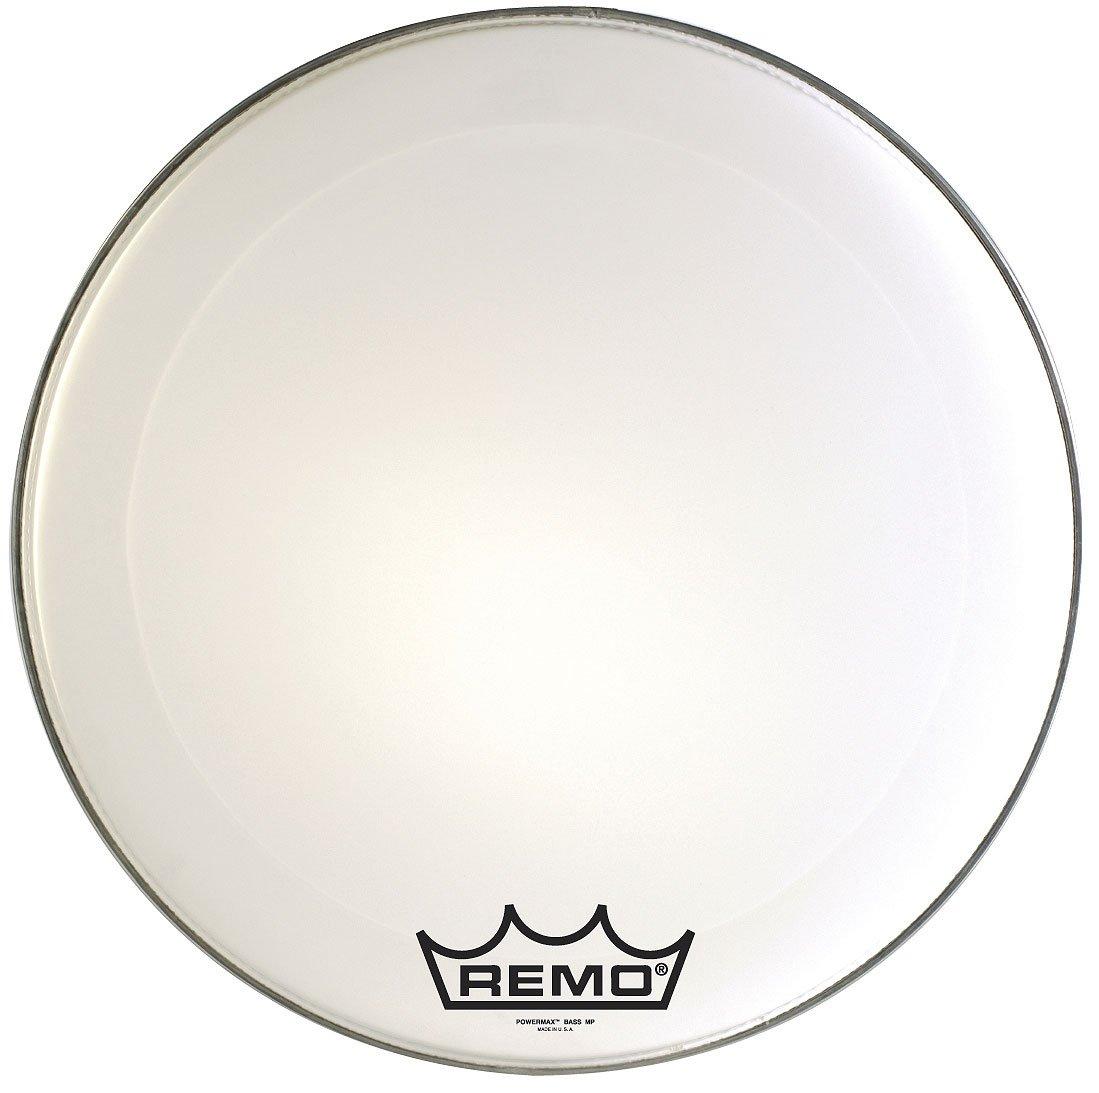 REMO ( レモ ) PM2-118B-00 18